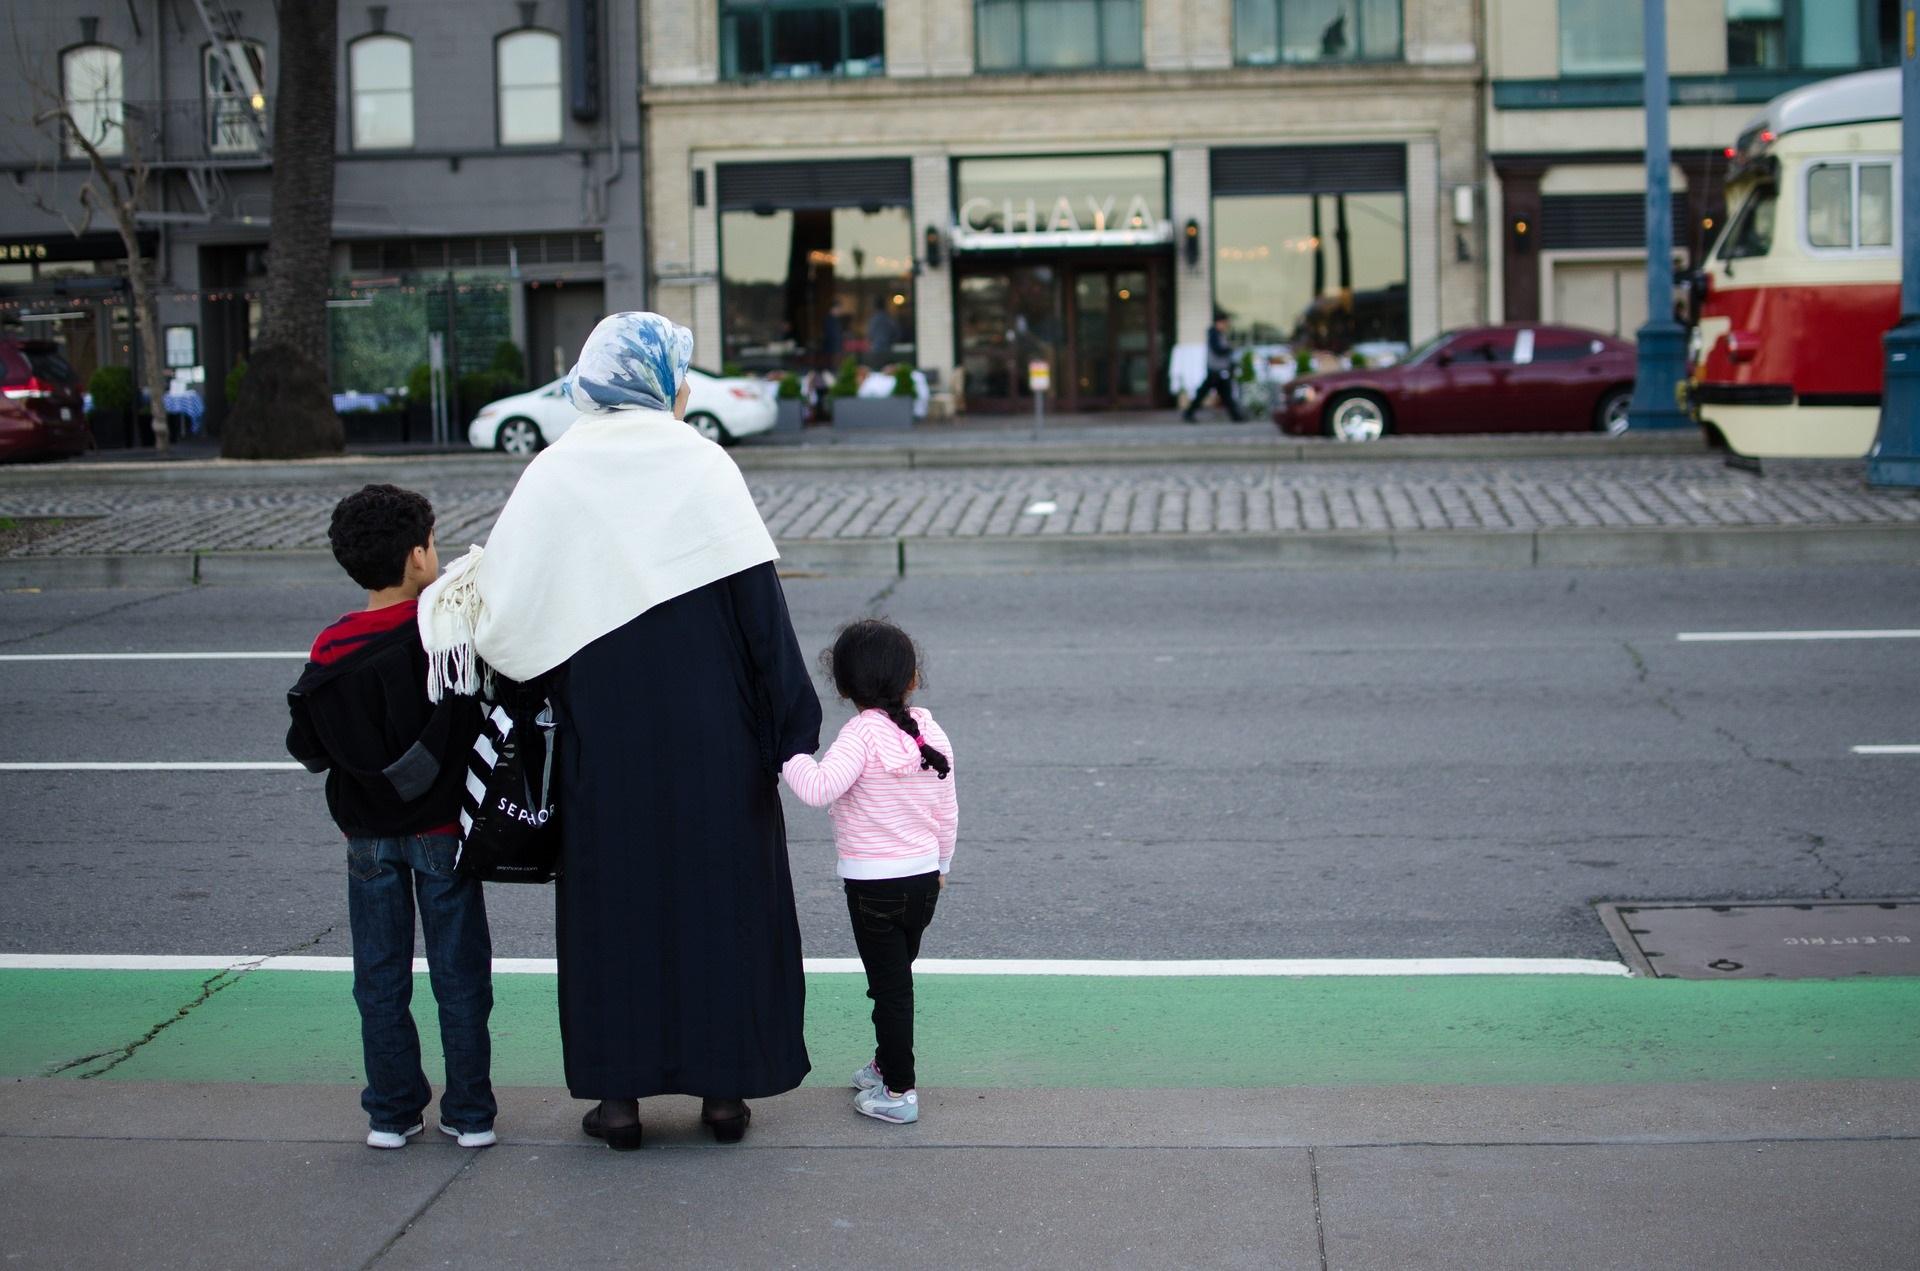 Migrantenanteil in Frauenhäusern auf 57 Prozent gestiegen